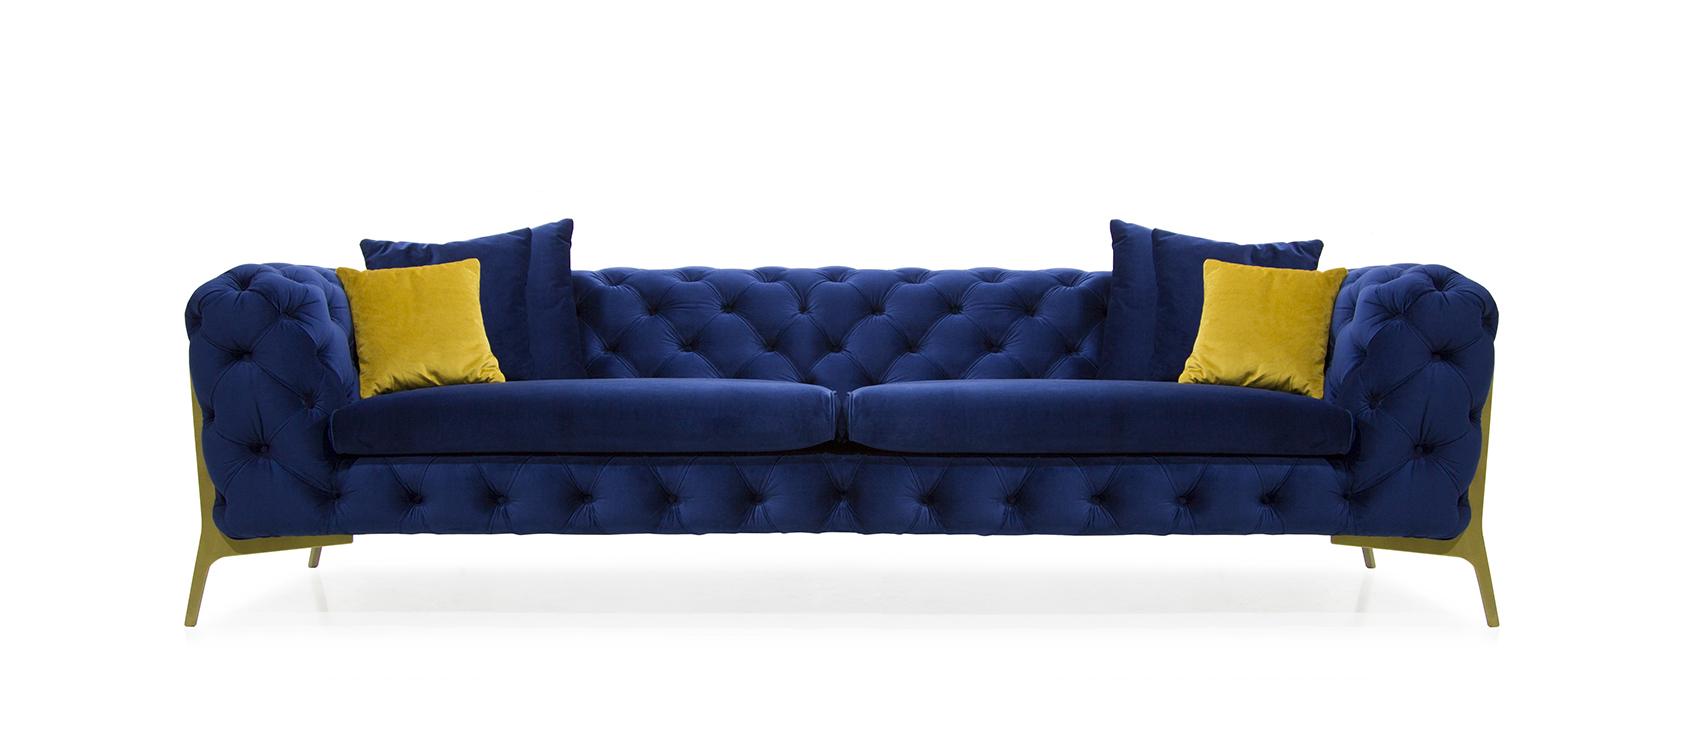 Sofa RICH фото 2